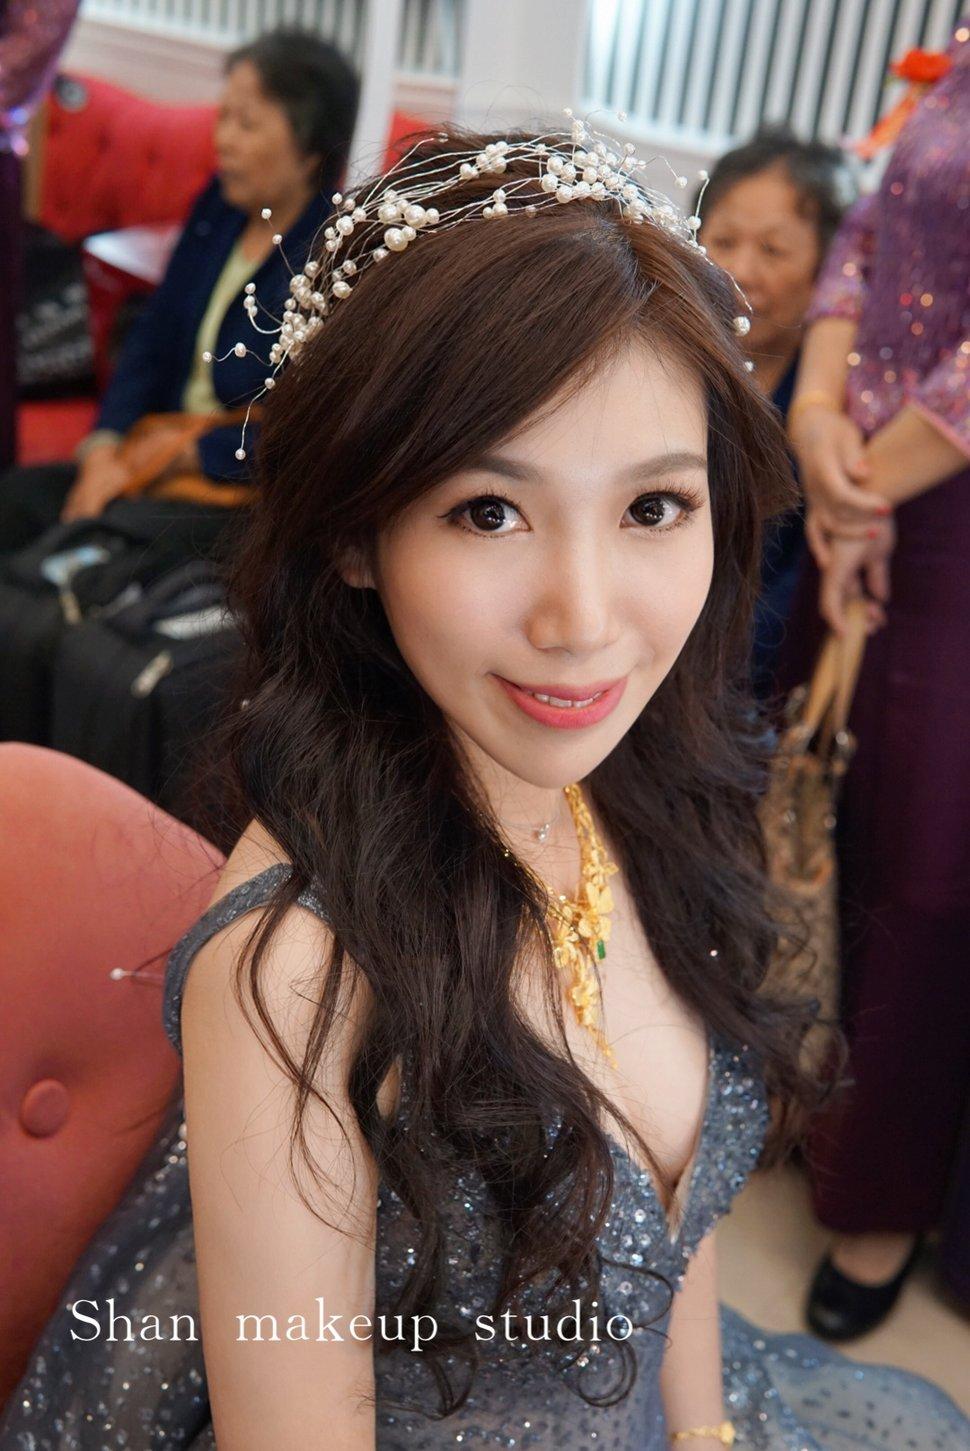 IMG_8256 - 湘翎Shan Makeup studio《結婚吧》